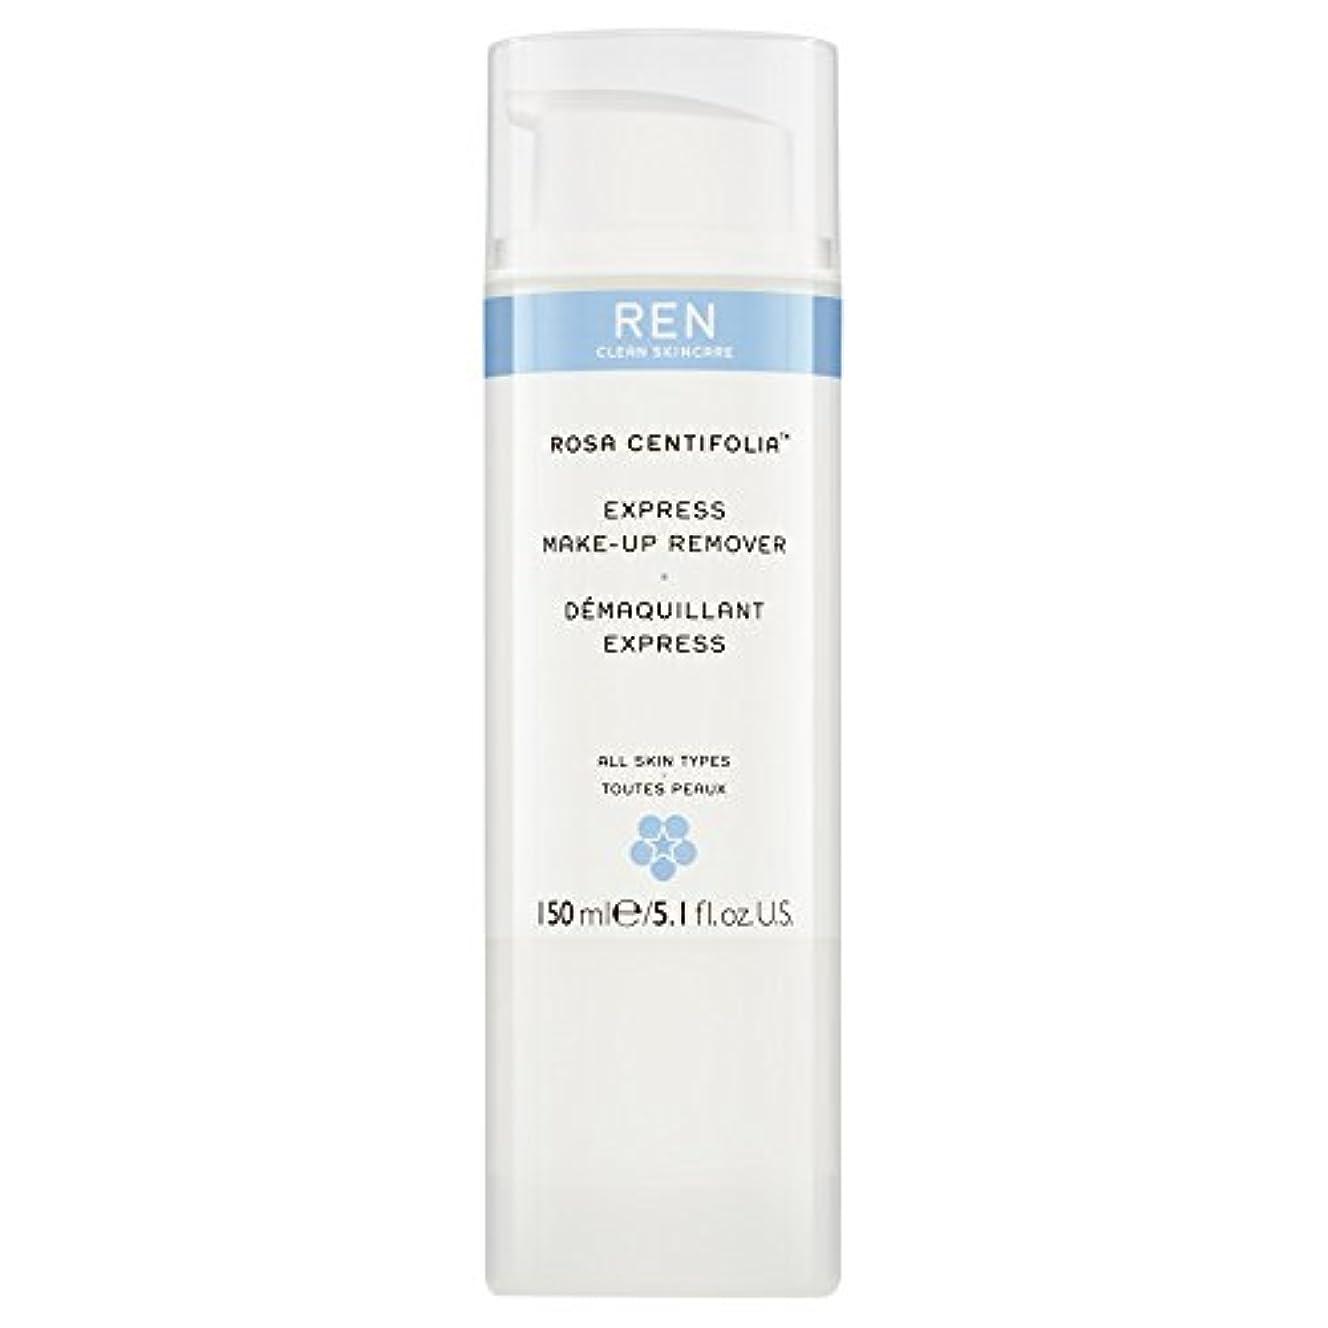 一時的頬骨体操Renローザセンチフォリアバラメイクアップリムーバー150ミリリットル (REN) (x2) - REN Rosa Centifolia Makeup Remover 150ml (Pack of 2) [並行輸入品]